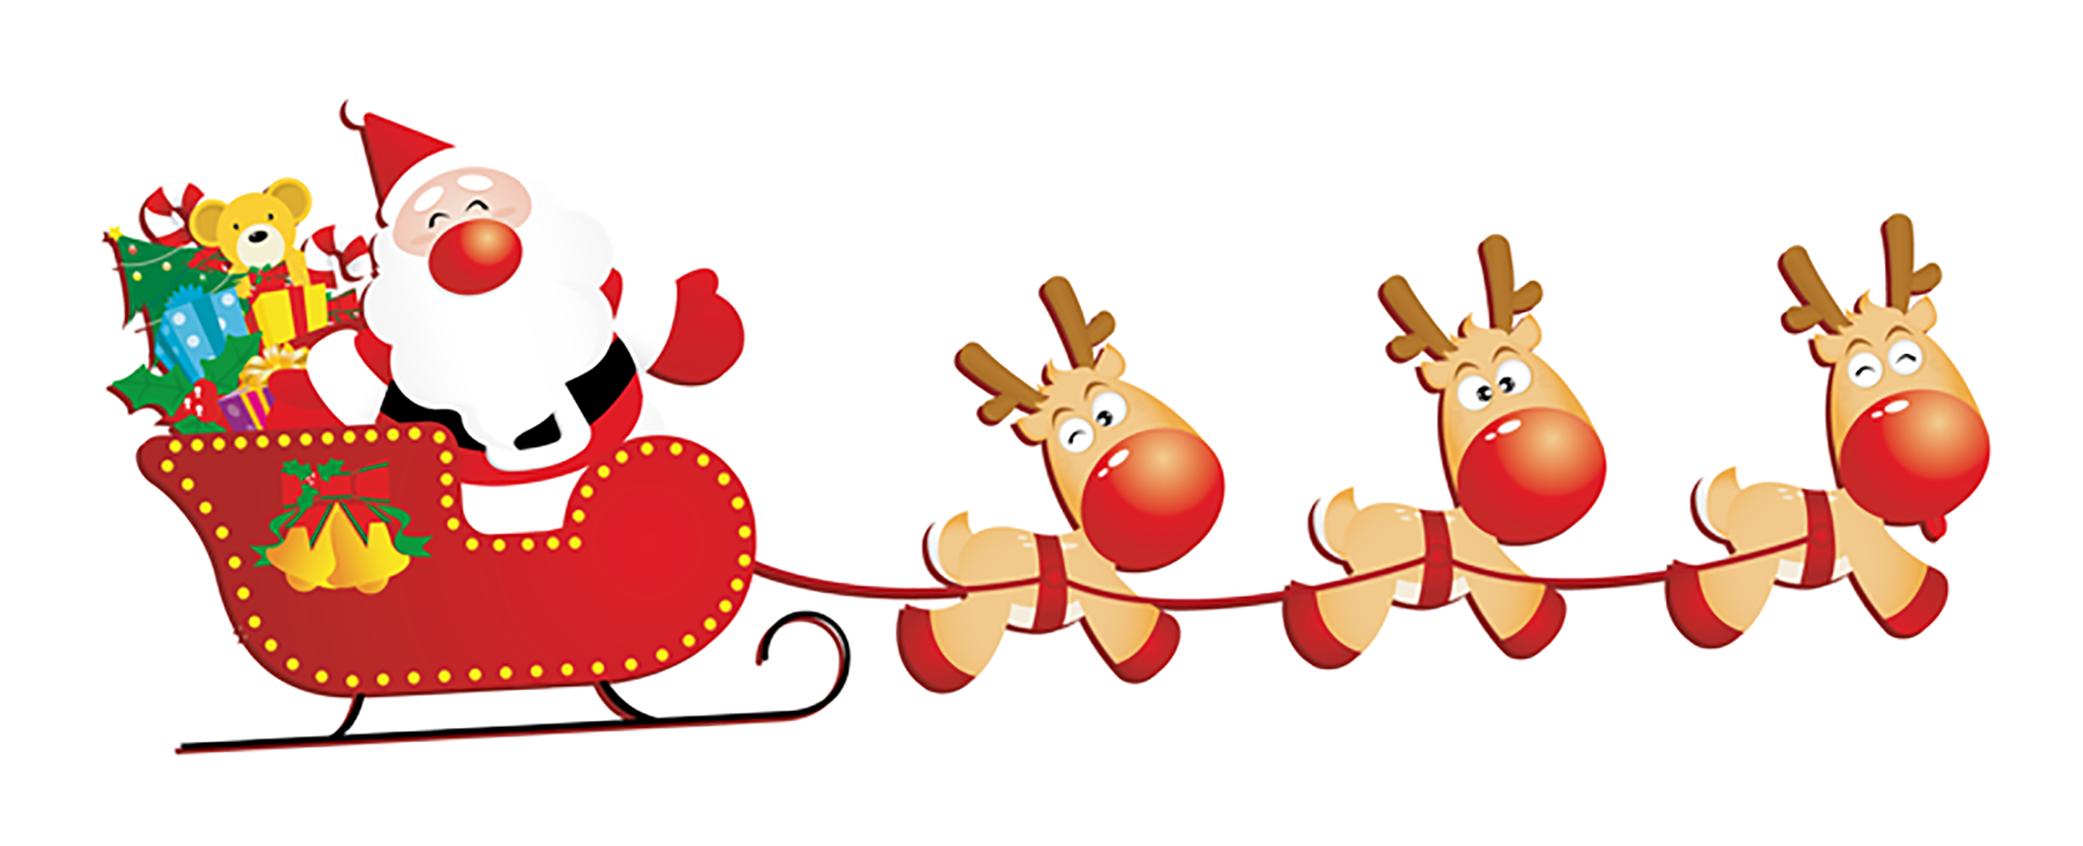 Slitta Babbo Natale Immagini.Babbo Natale Con Slitta 1000 Risol Color Line Ancona